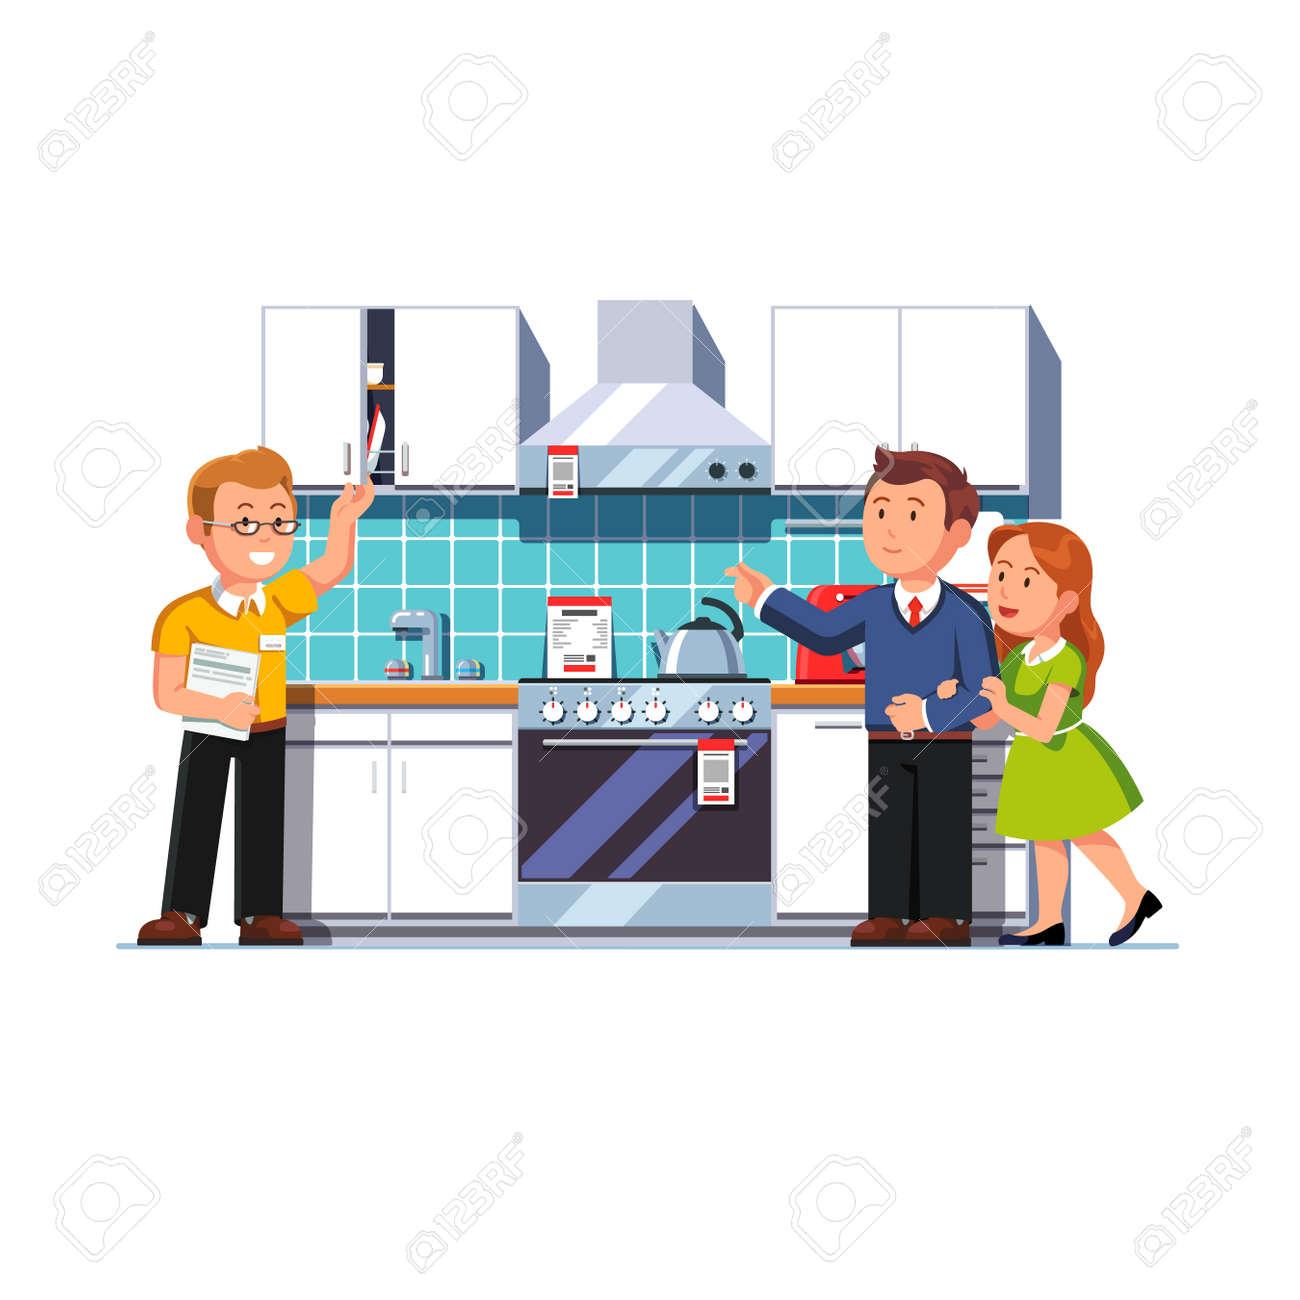 Shop Assistant Salesman Showing Home Kitchen Furniture Appliances